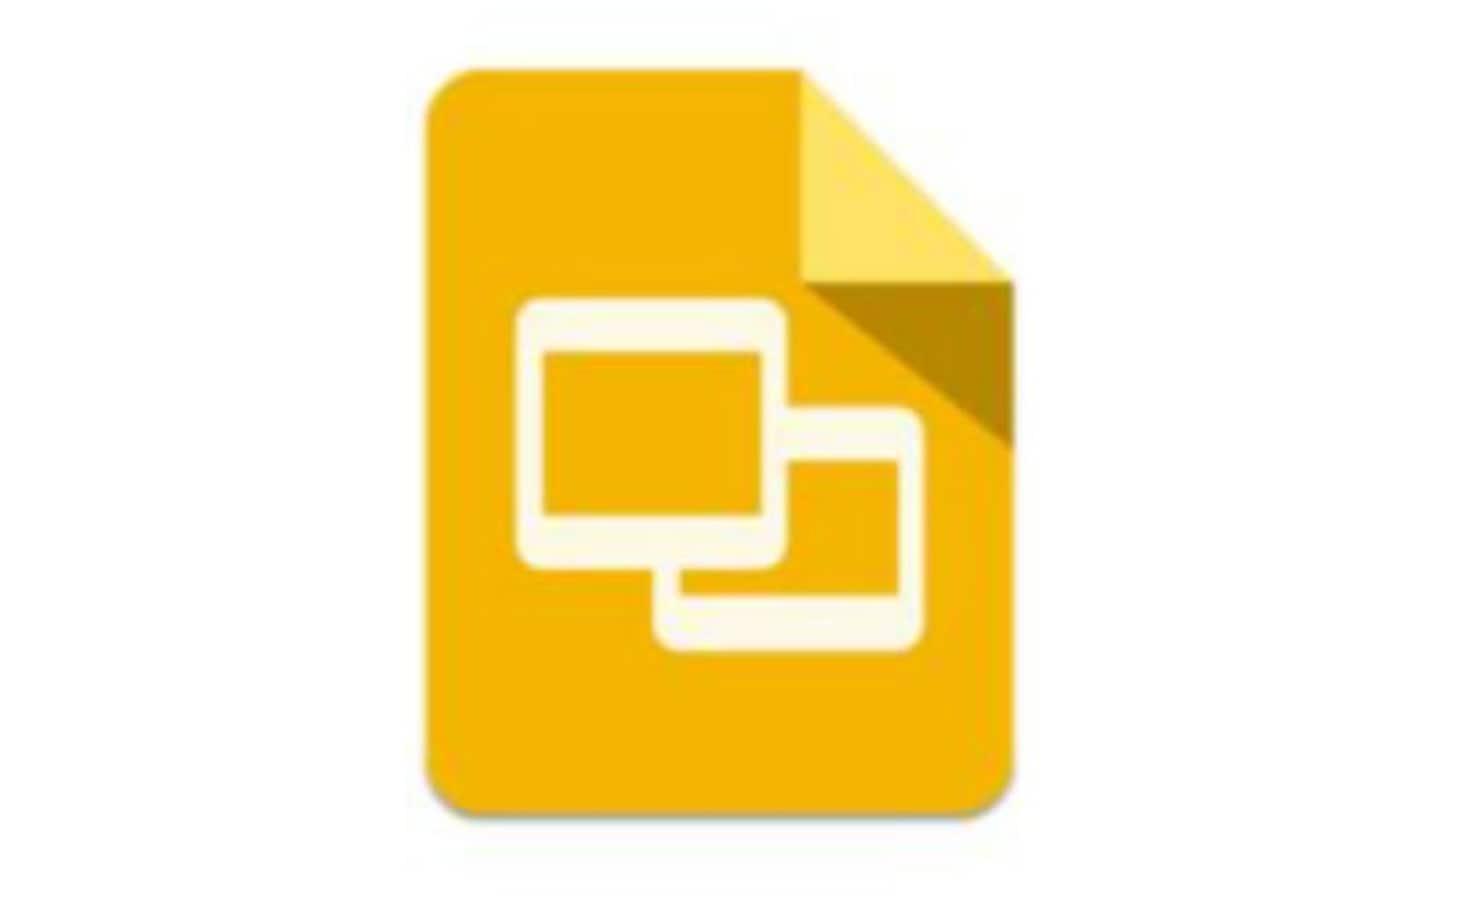 スライド アニメーション グーグル